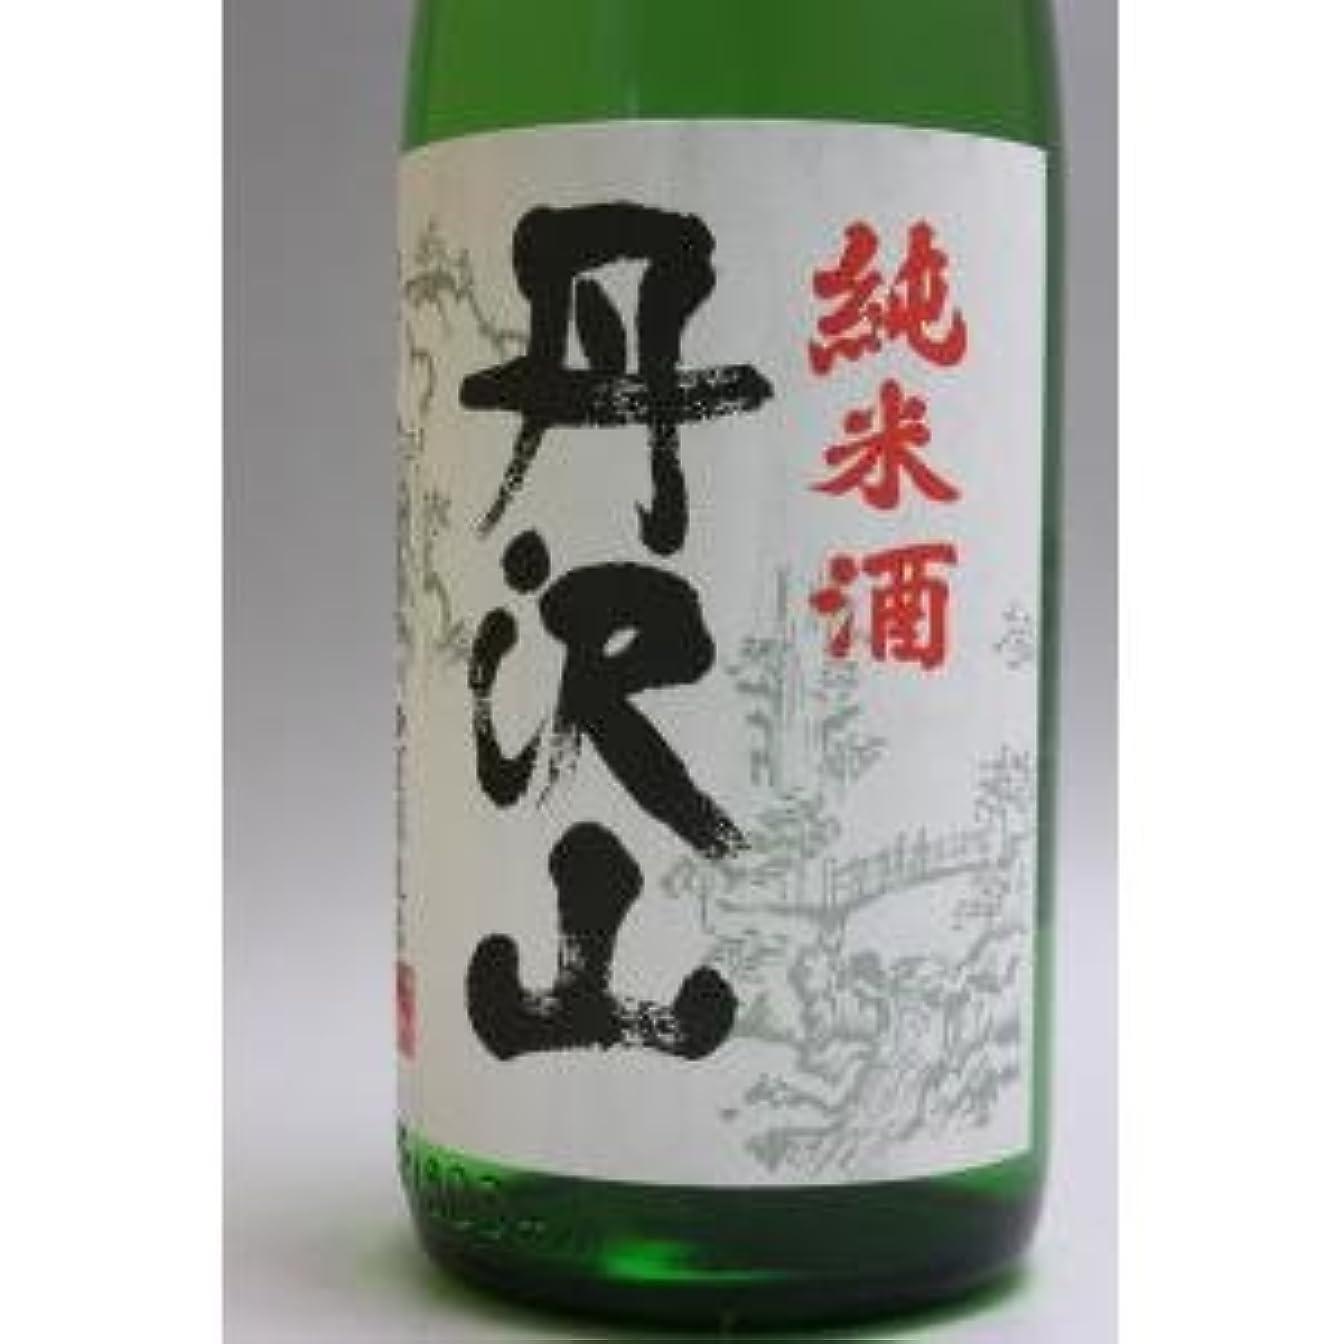 スクラップブック専門用語なしで丹沢山 吟醸造り純米酒1800ml